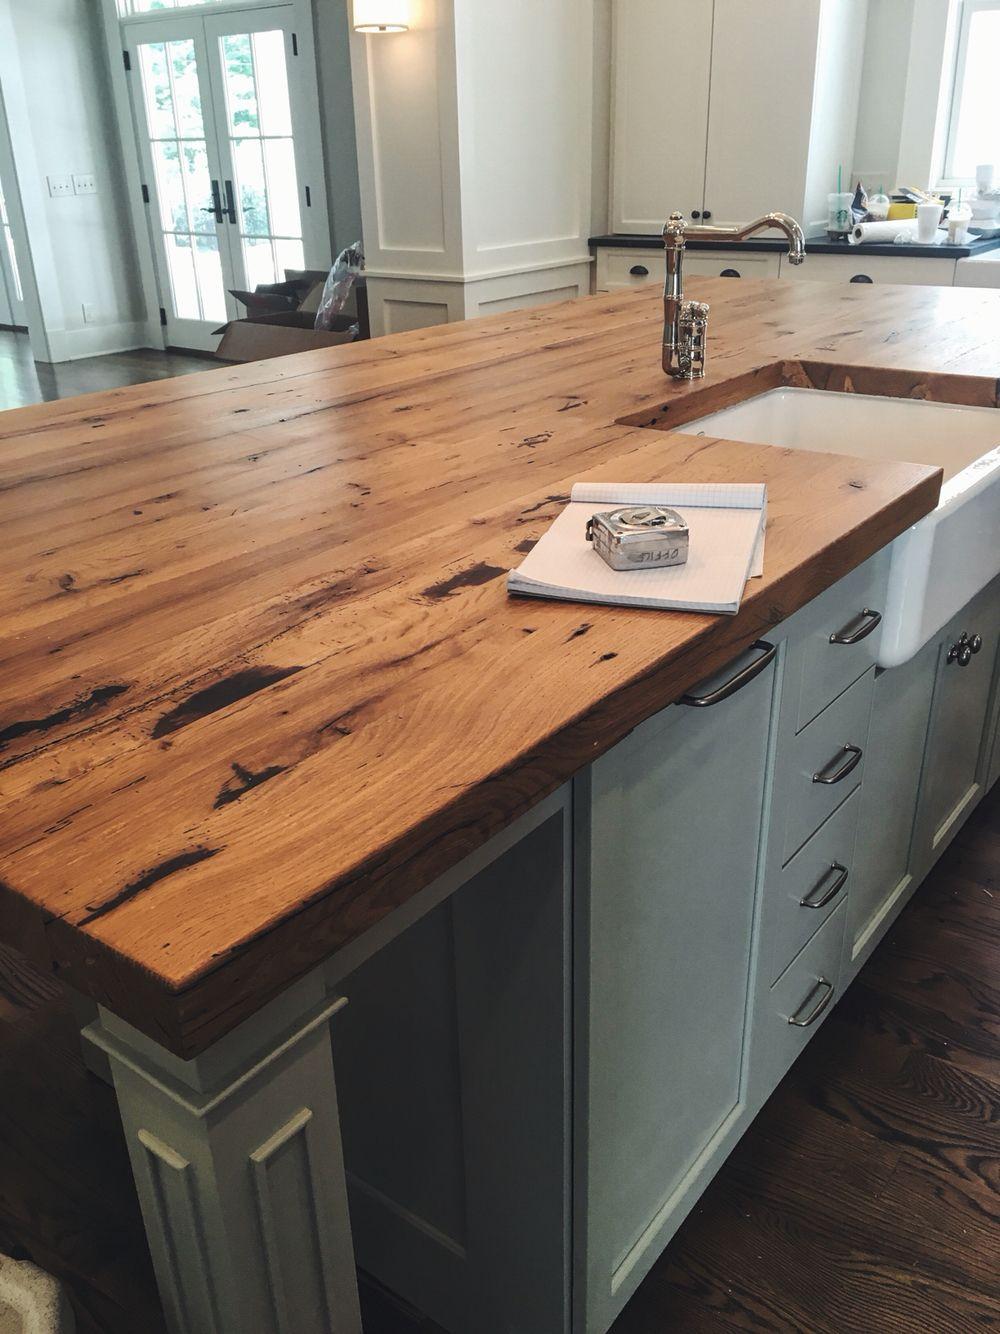 Reclaimed Oak Kitchen Countertop Built By Woodstock